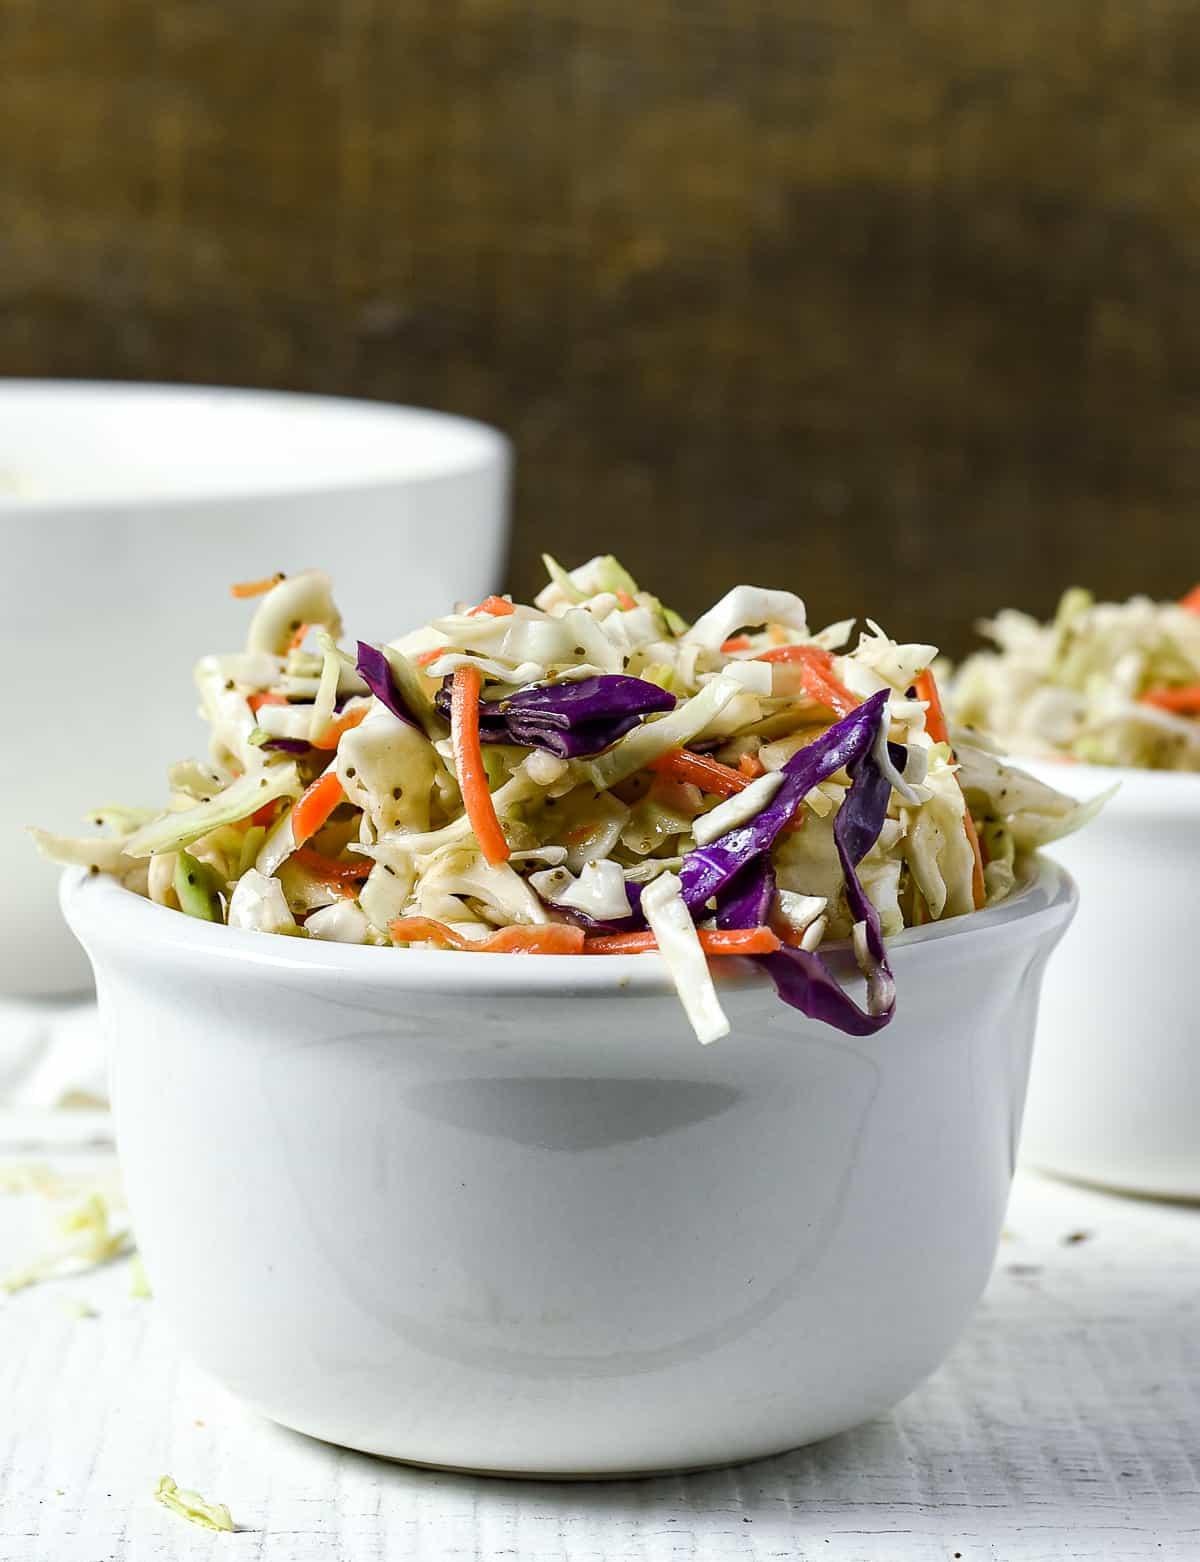 Coleslaw in white bowl.